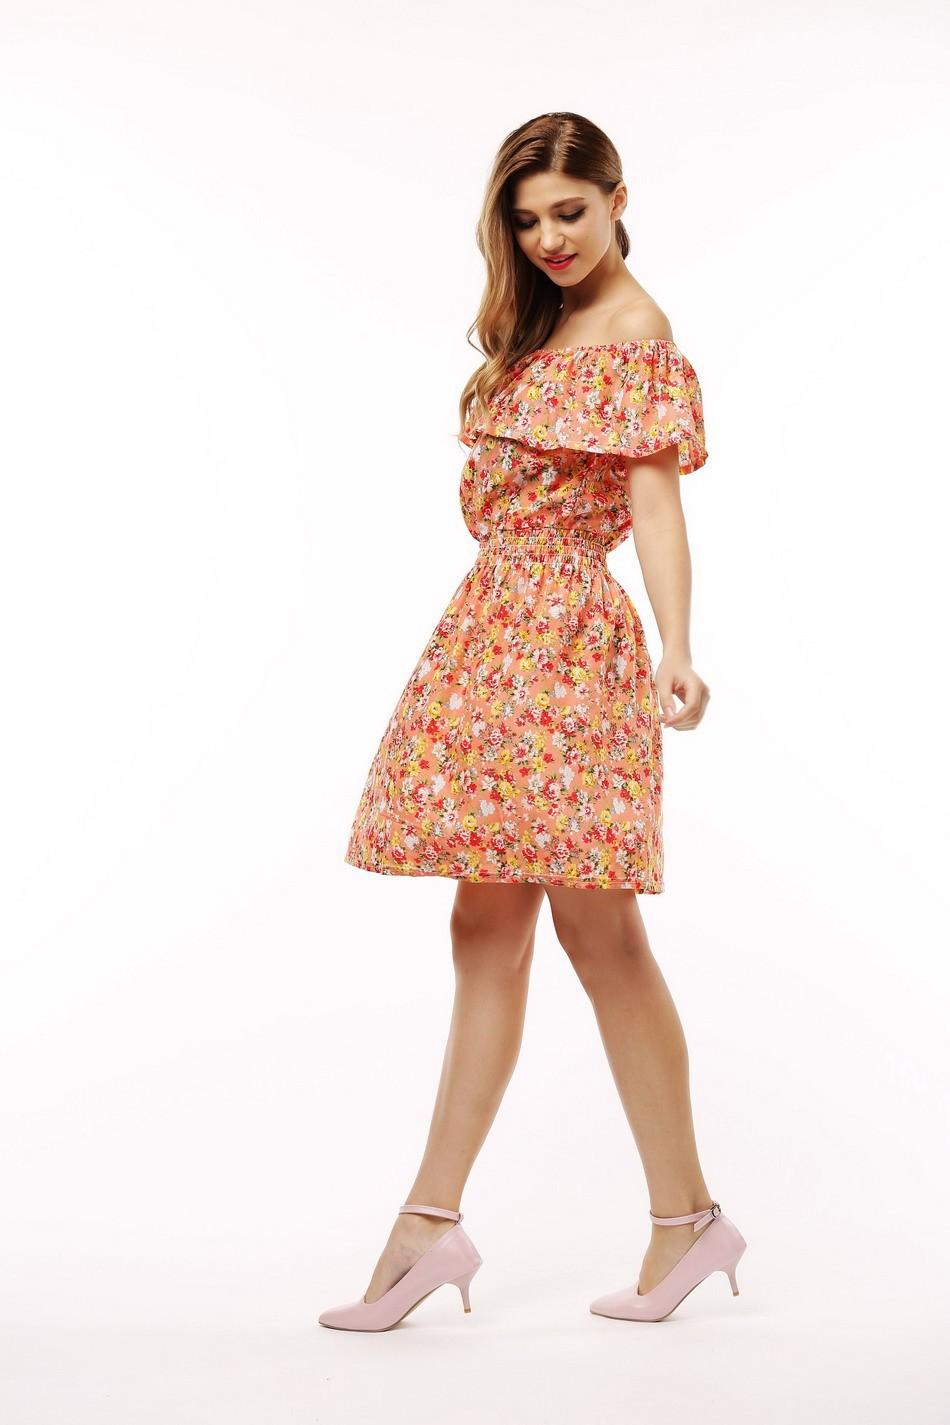 2017 fashion nowa wiosna lato plus size odzież kobiet floral print wzór sukienki na co dzień vestidos wc0472 16